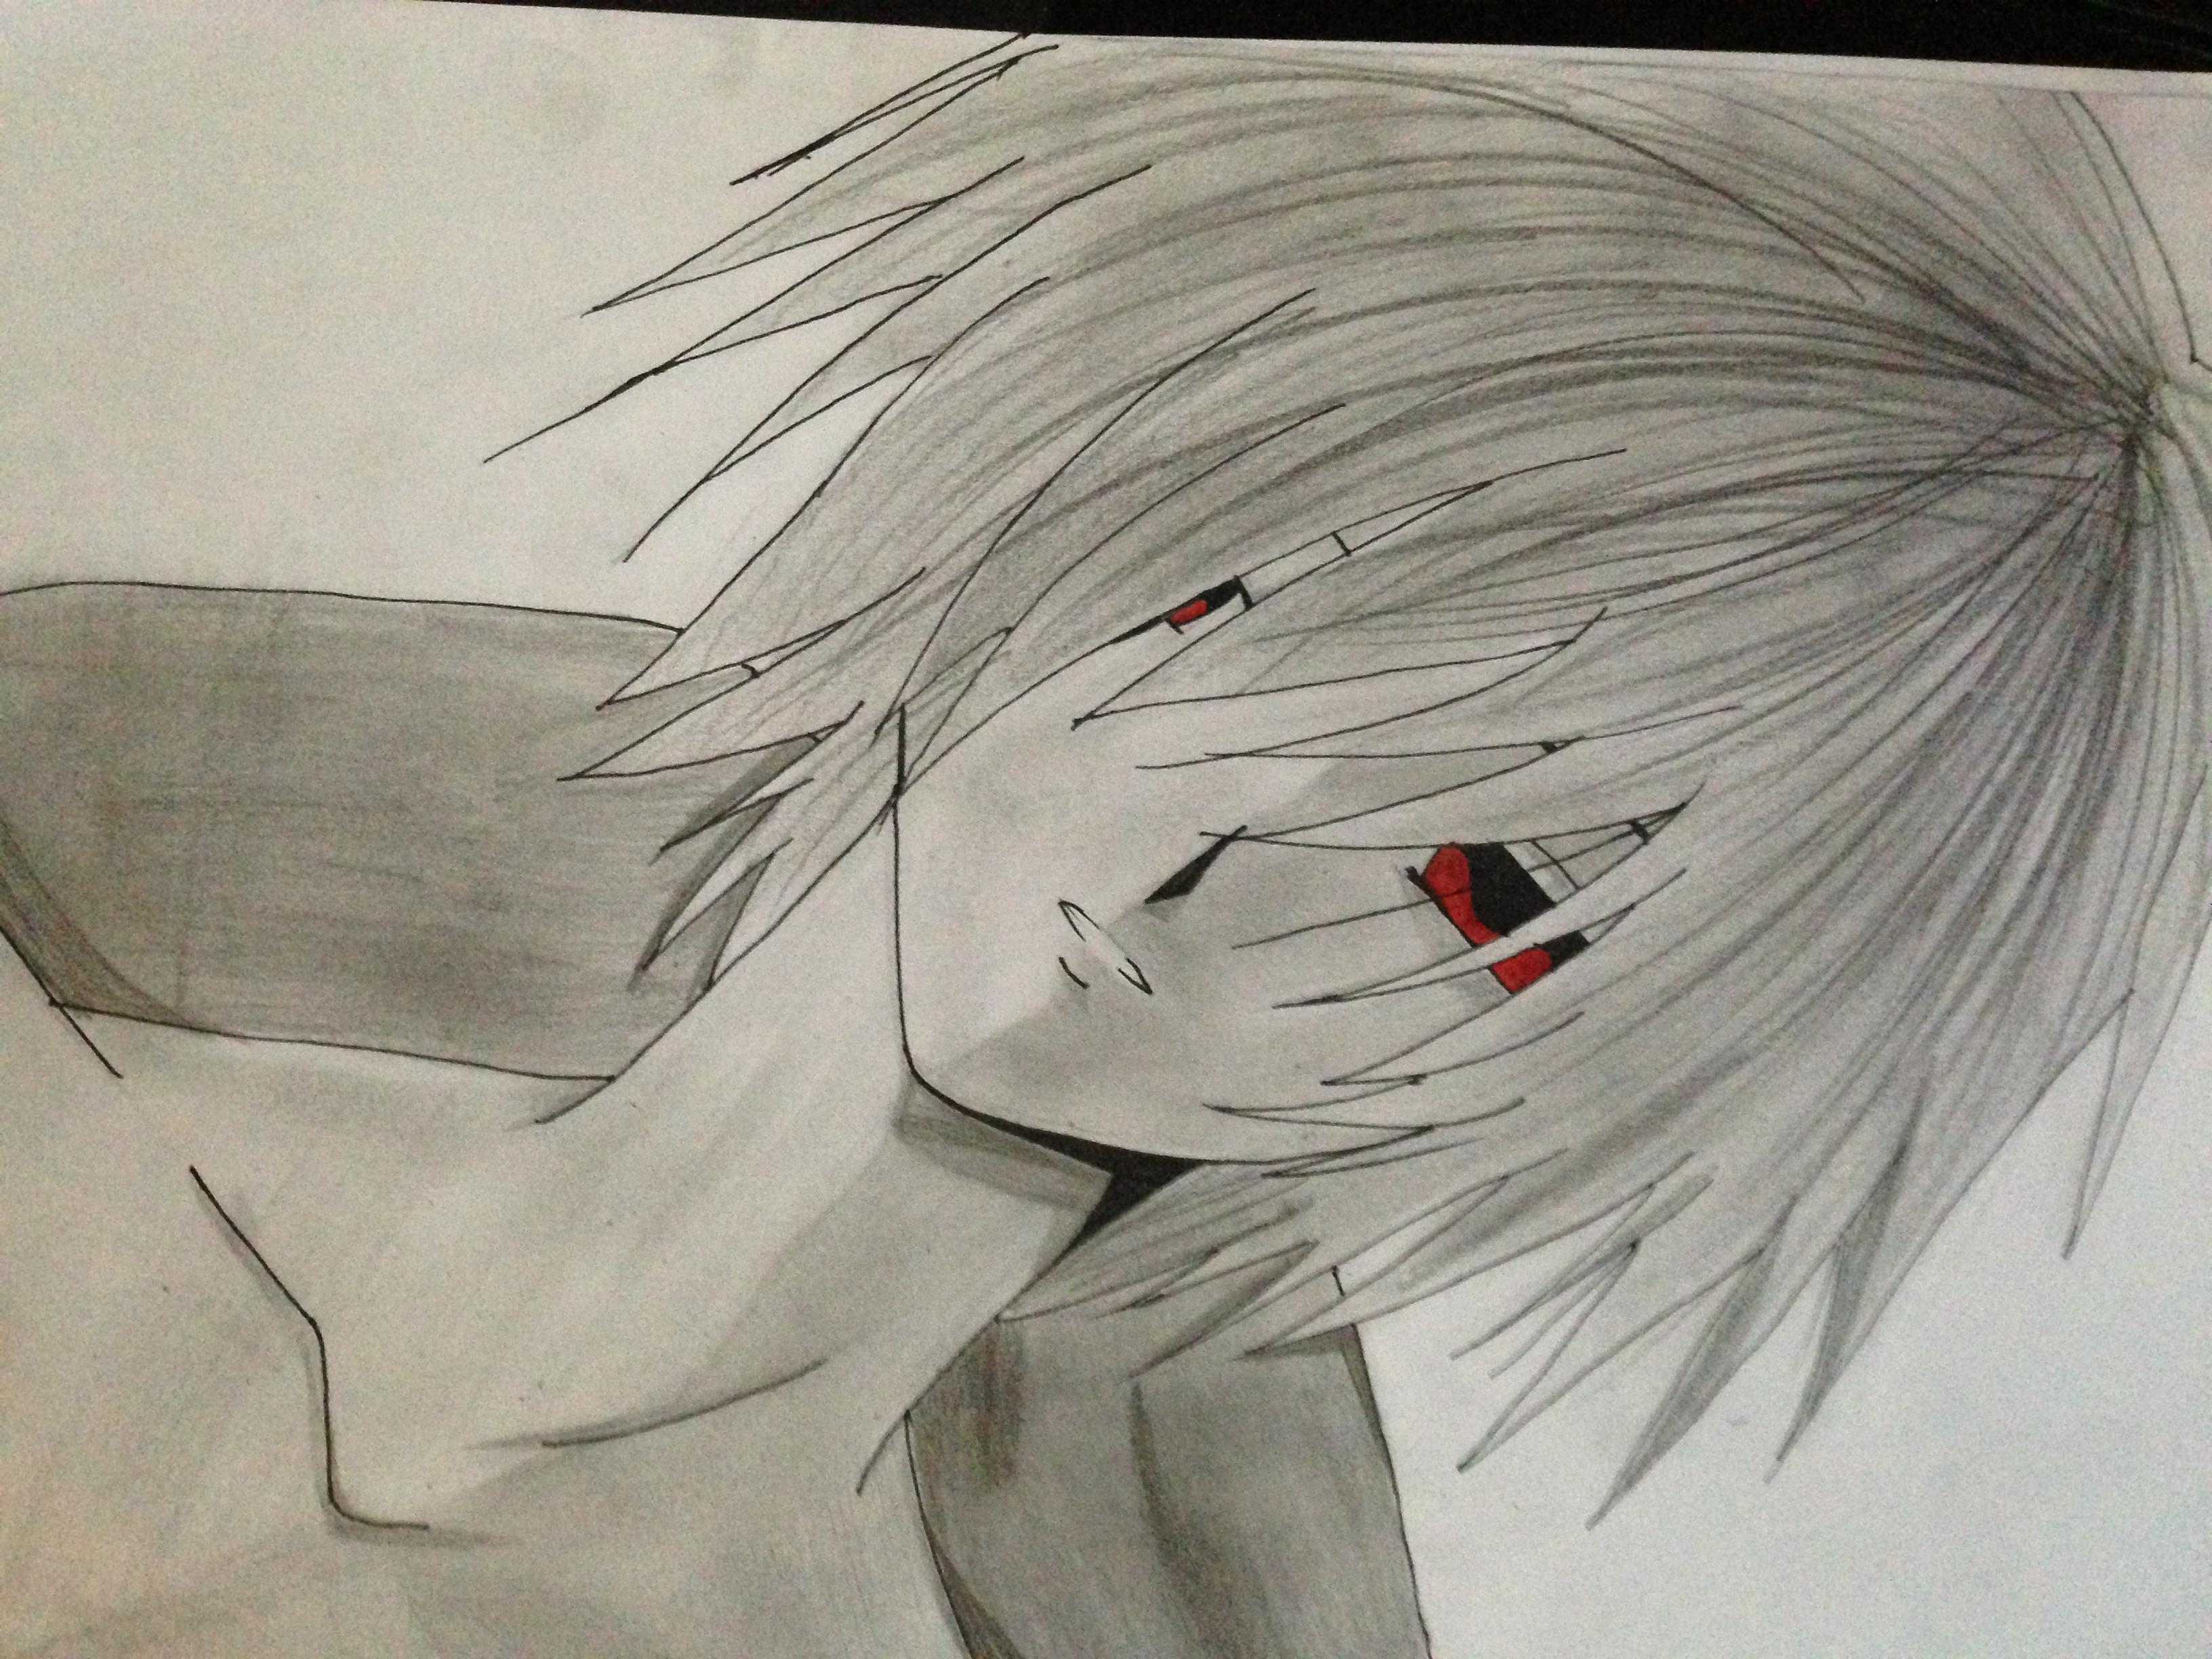 sad anime boy in the rain 23123 loadtve